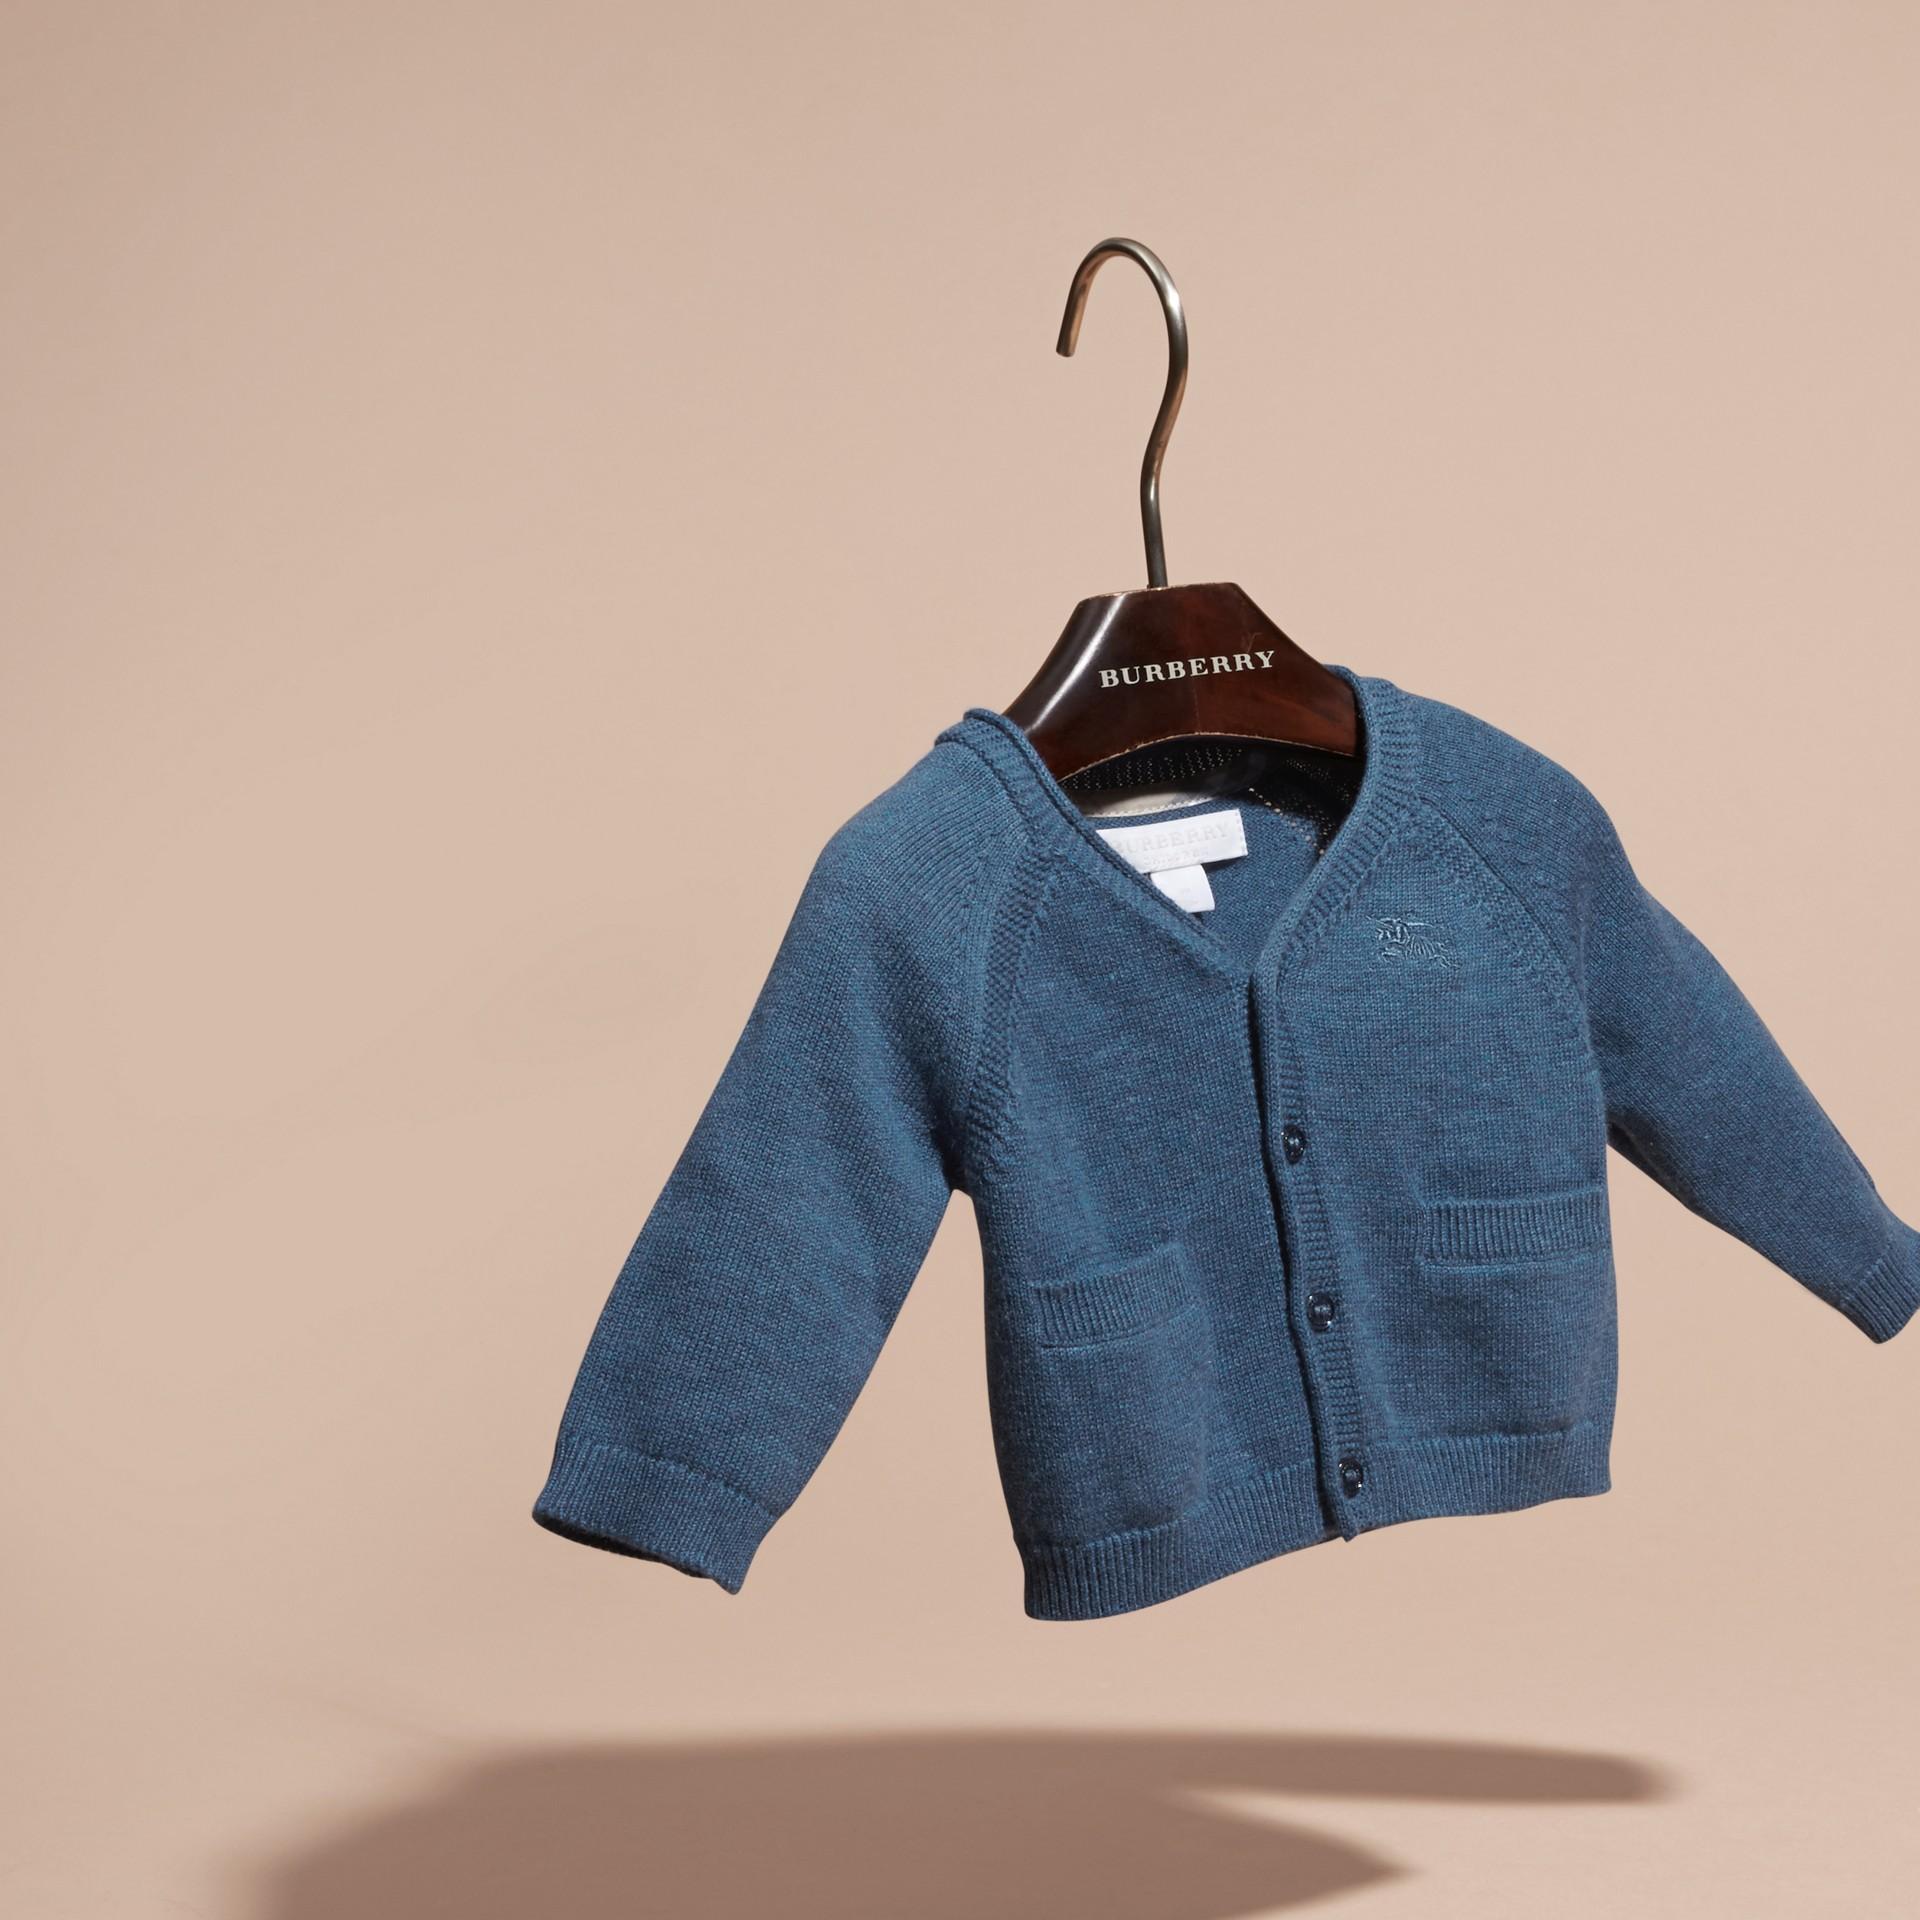 Blu acciaio intenso Cardigan in cashmere e cotone con scollo a V Blu Acciaio Intenso - immagine della galleria 3